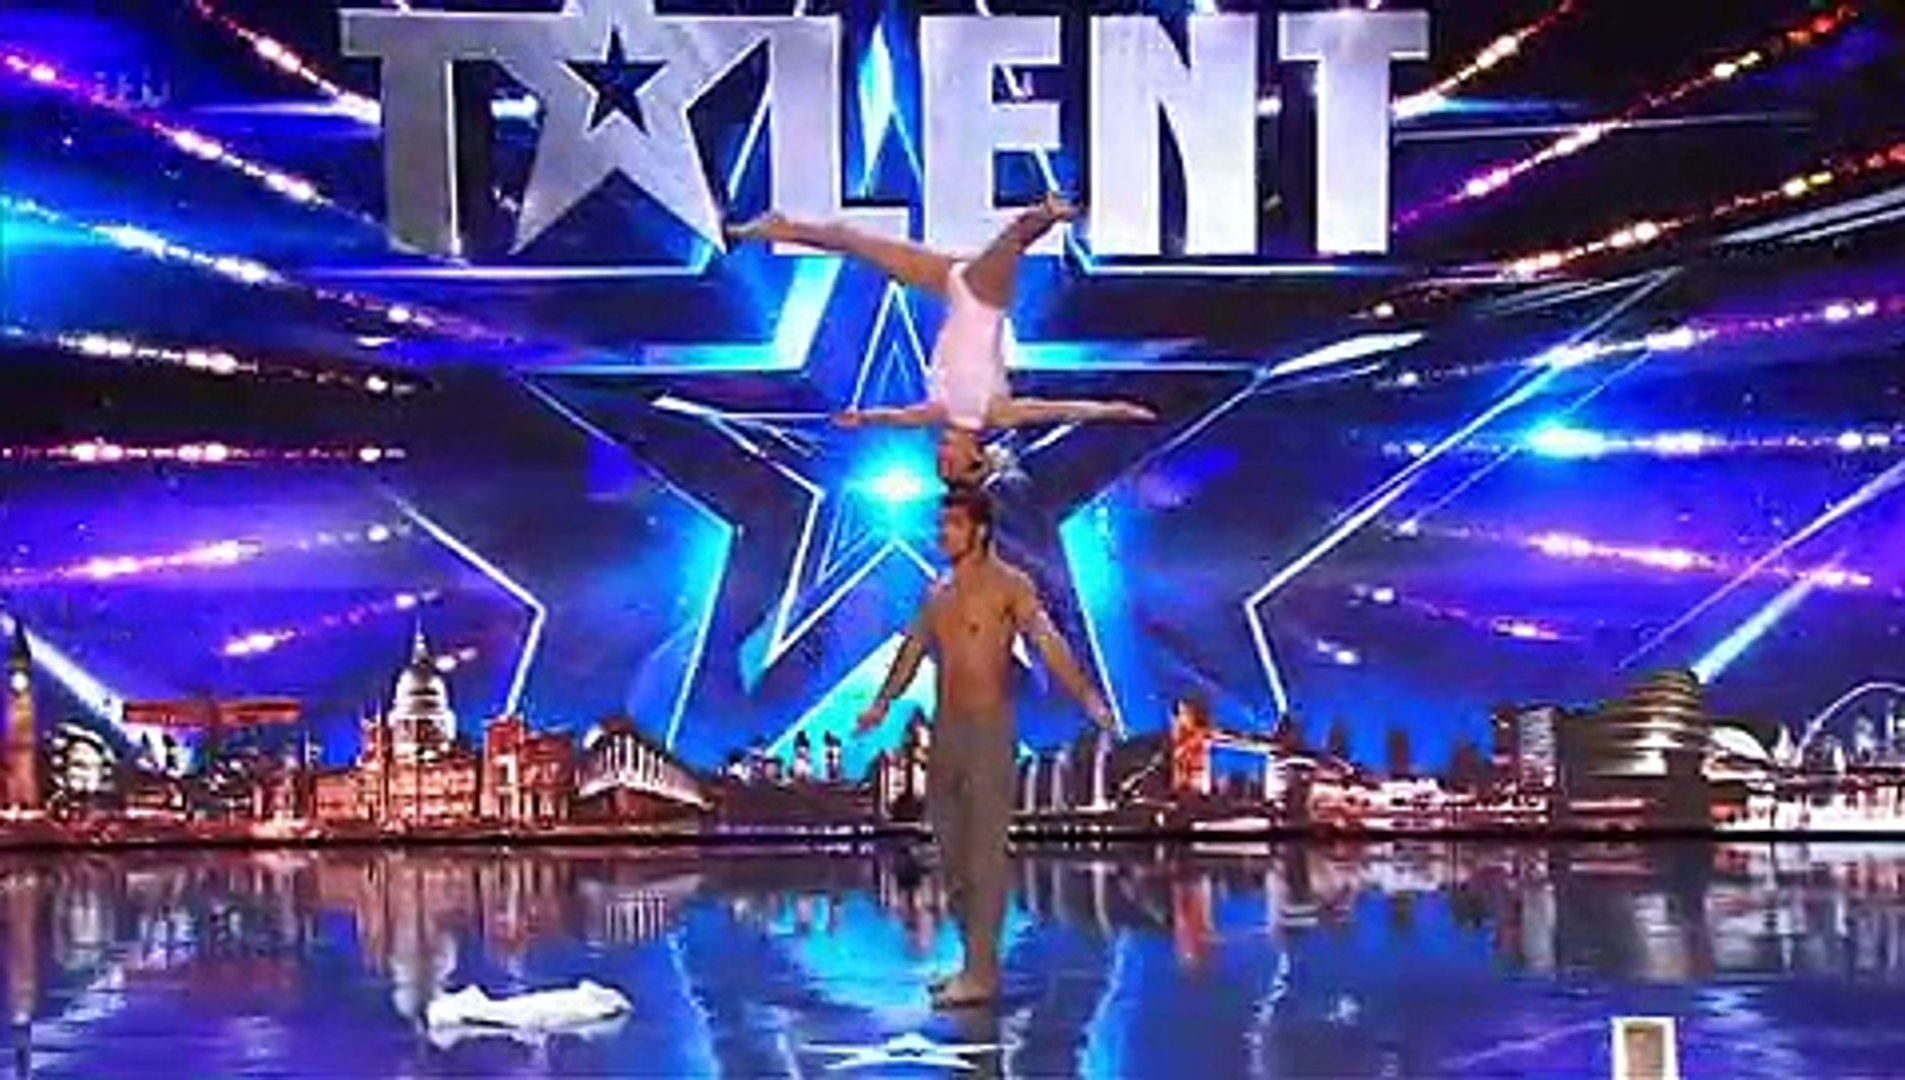 Britain's Got Talent - Season 13 Episode 6 - Auditions 6